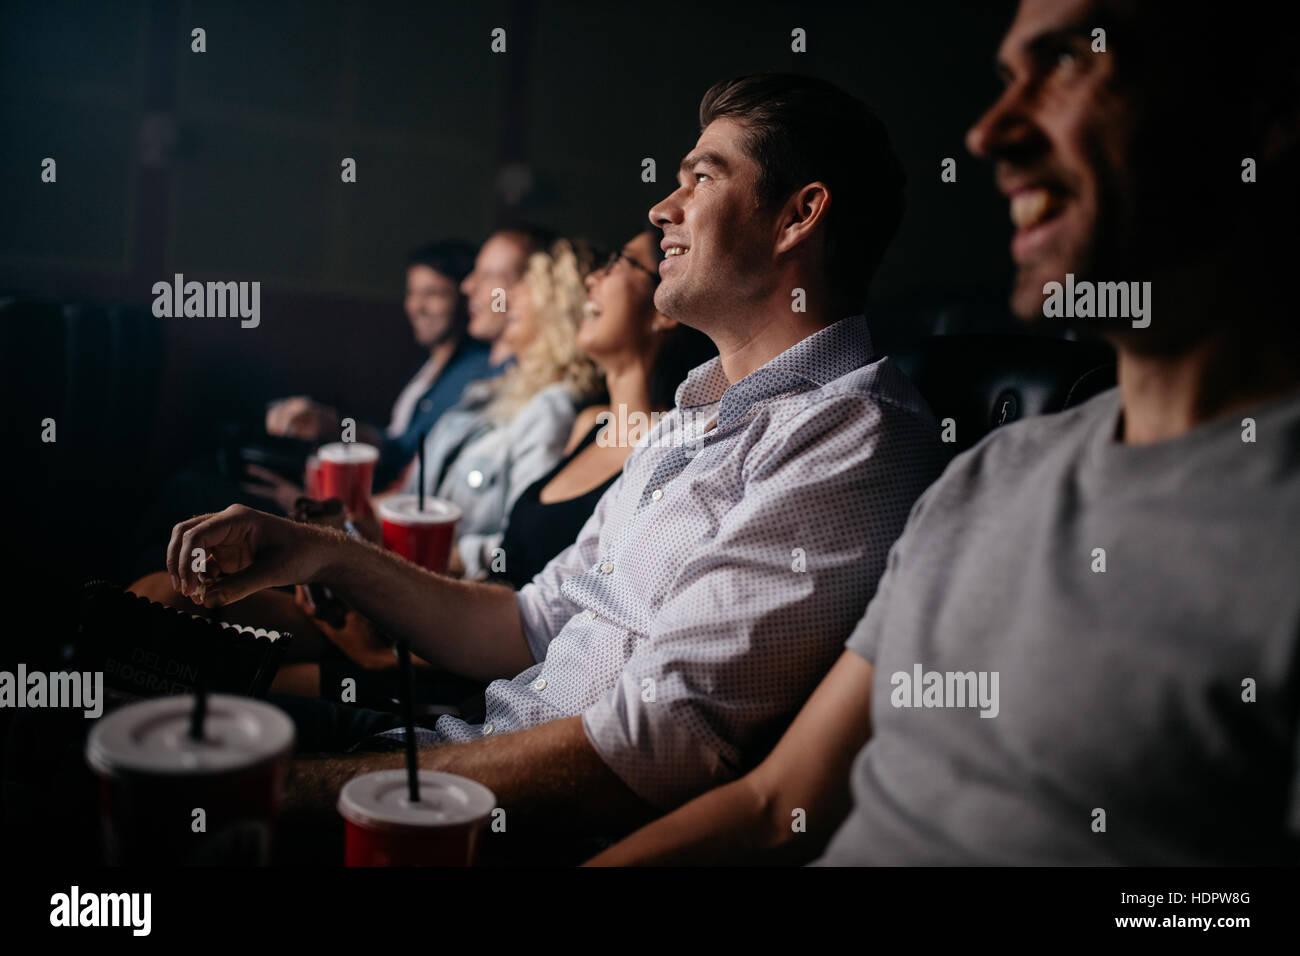 Un gruppo di giovani seduti nella sala cinema guardare film. Multirazziale gruppo di amici a guardare film in teatro. Foto Stock